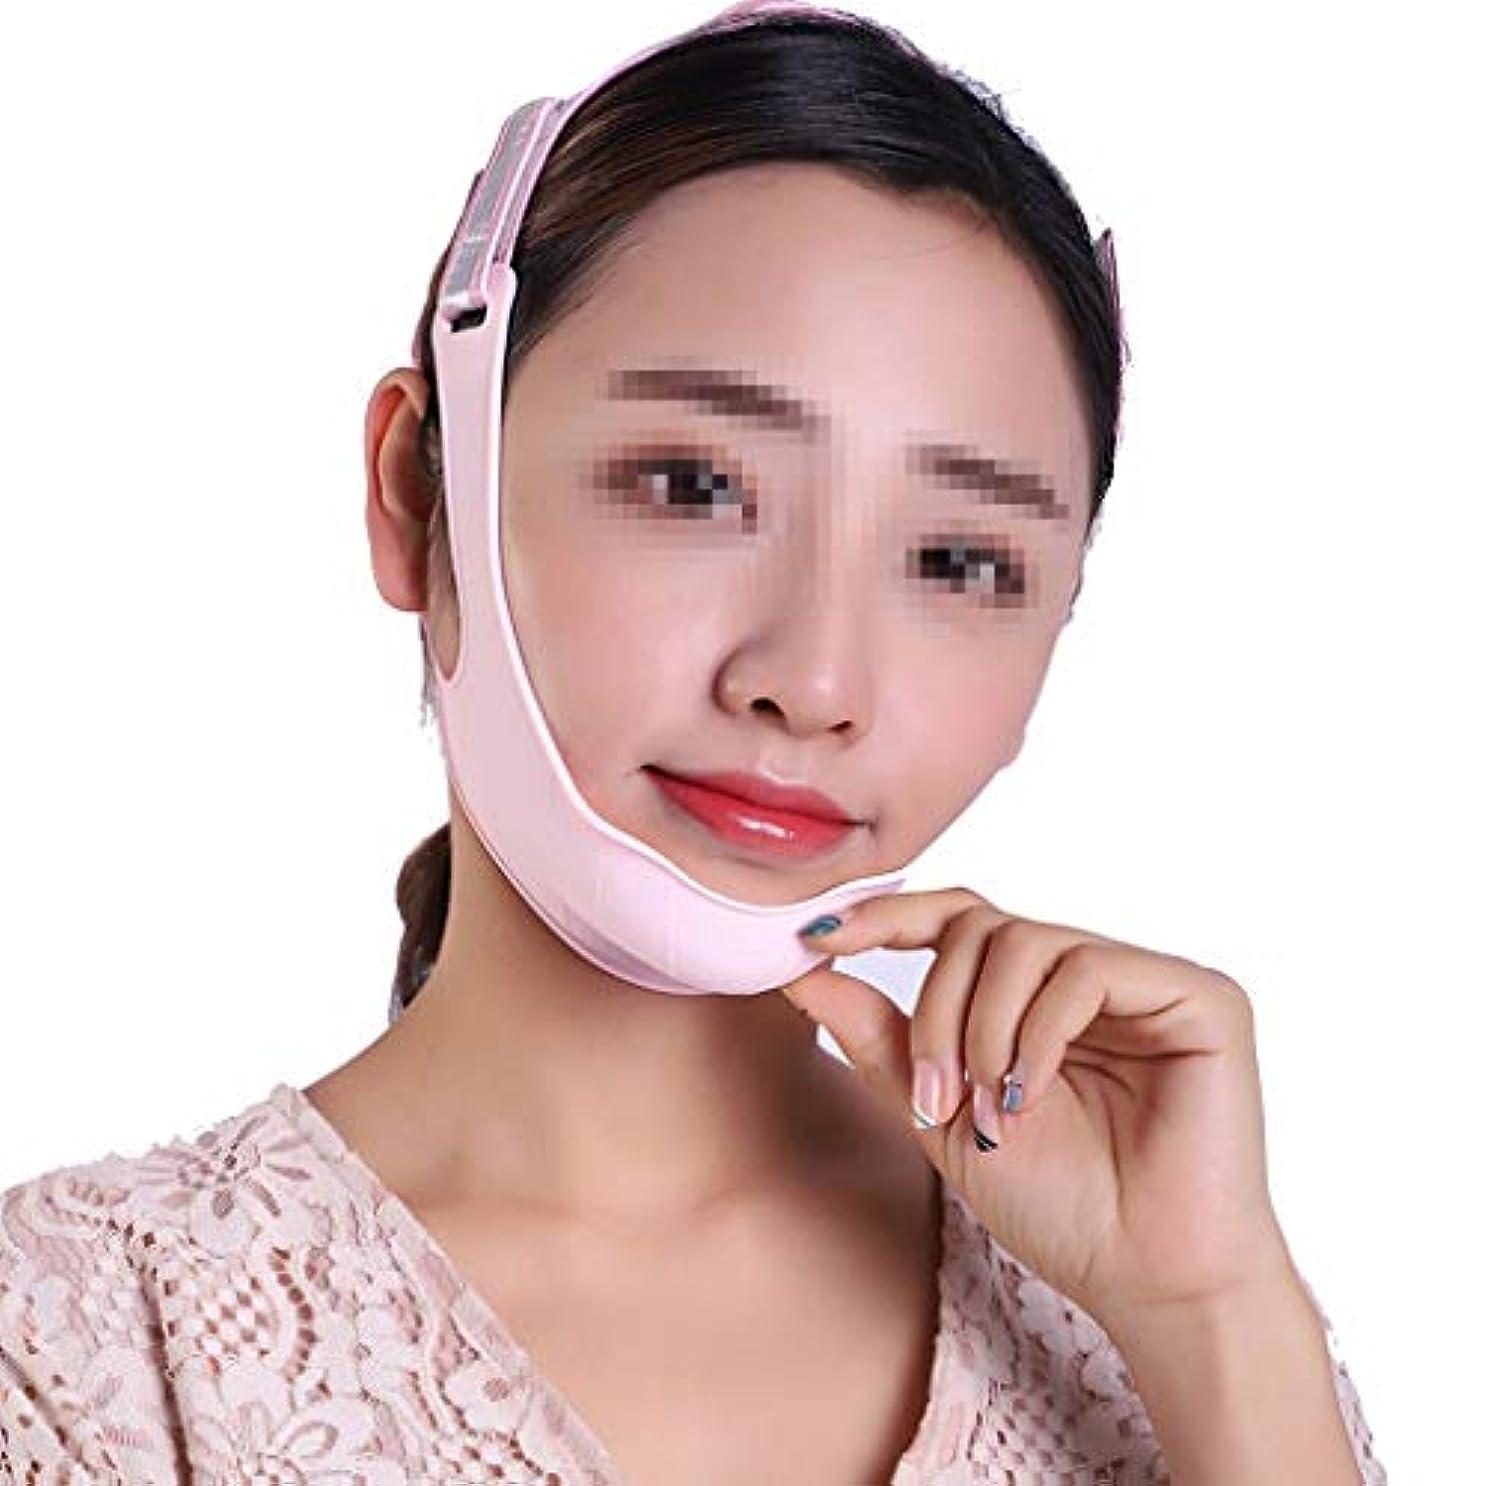 降伏矛盾マイクXHLMRMJ シリコーンフェイスマスク、小さなv顔薄い顔包帯持ち上がる顔引き締めアーティファクトマッサージ師スキニーフェイス美容バー